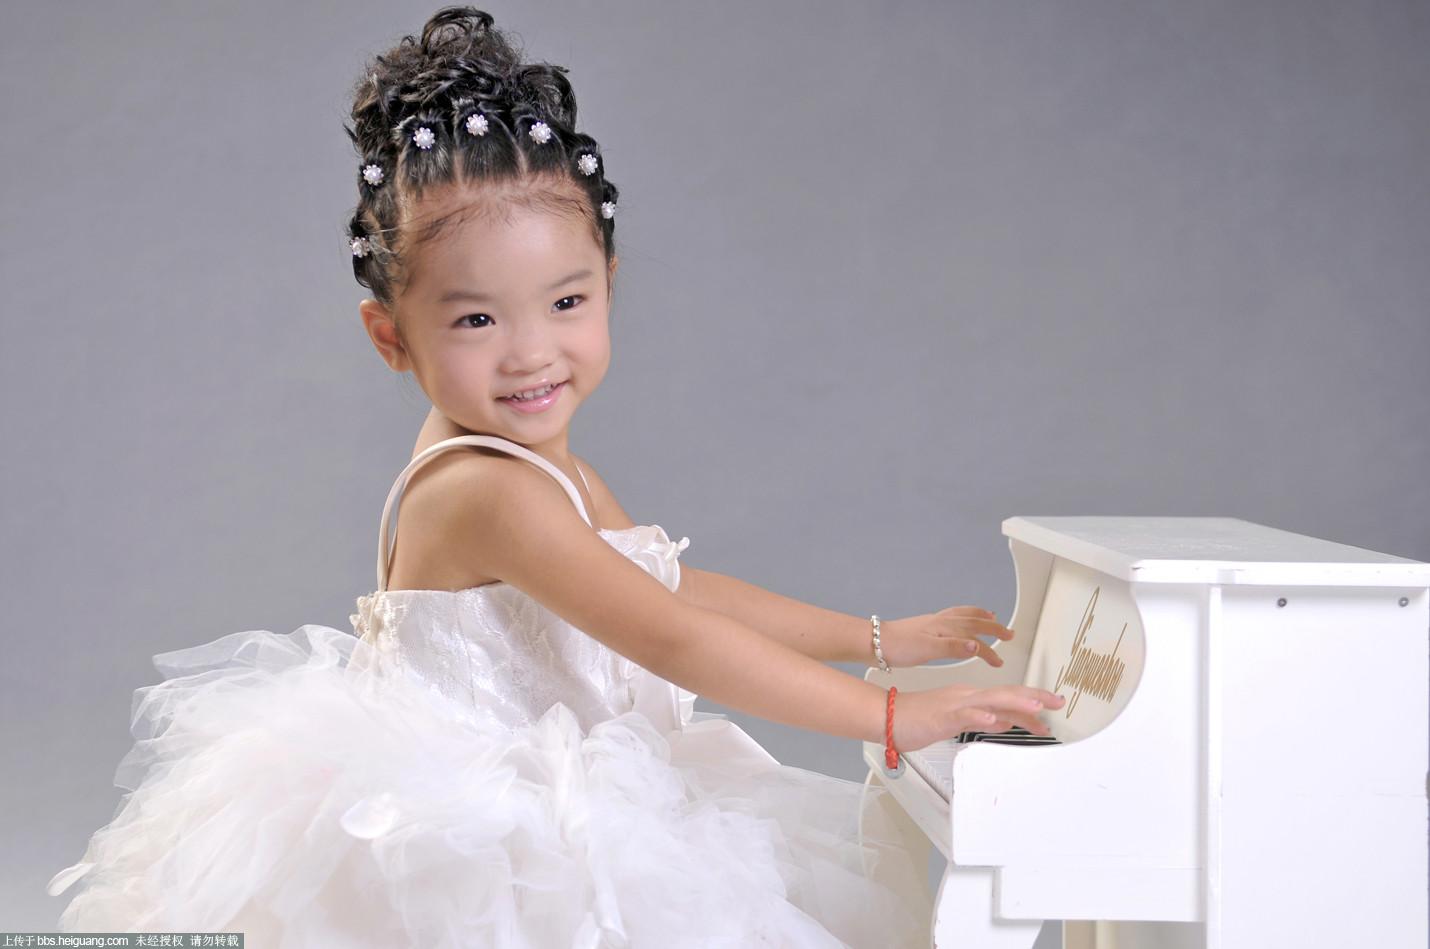 可爱的小女孩 - 儿童摄影作品